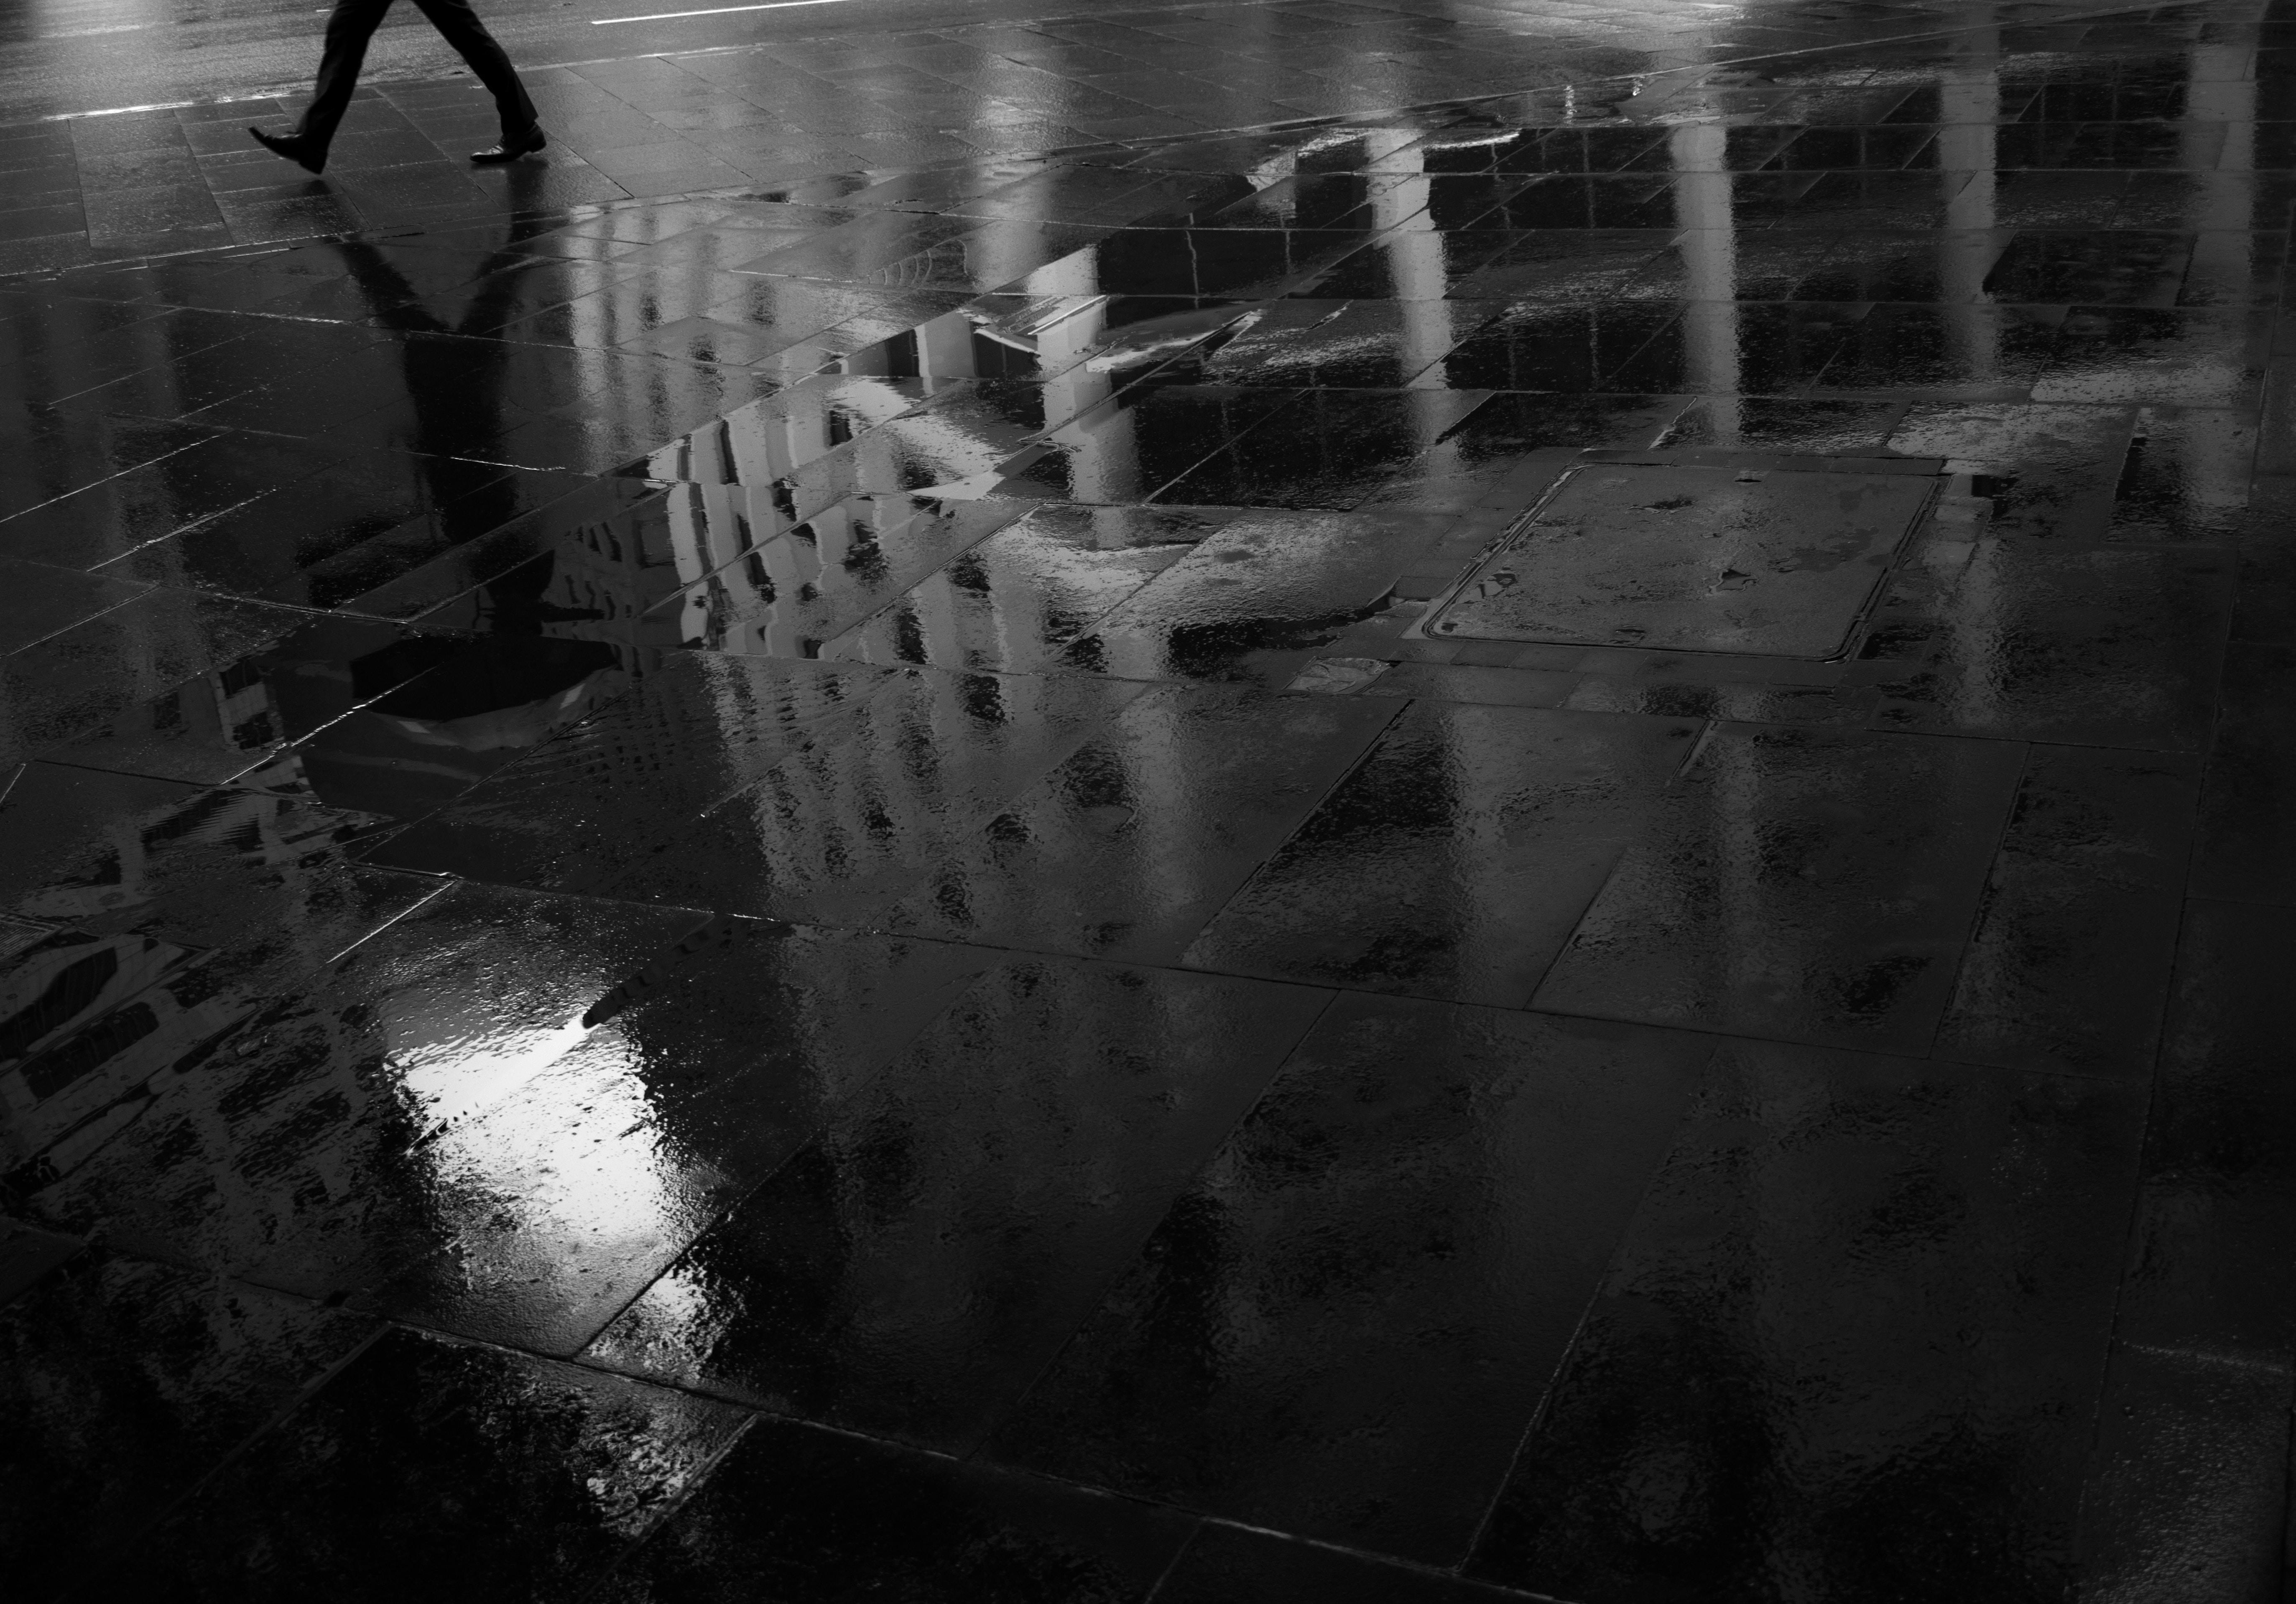 grayscale photo of black concrete floor